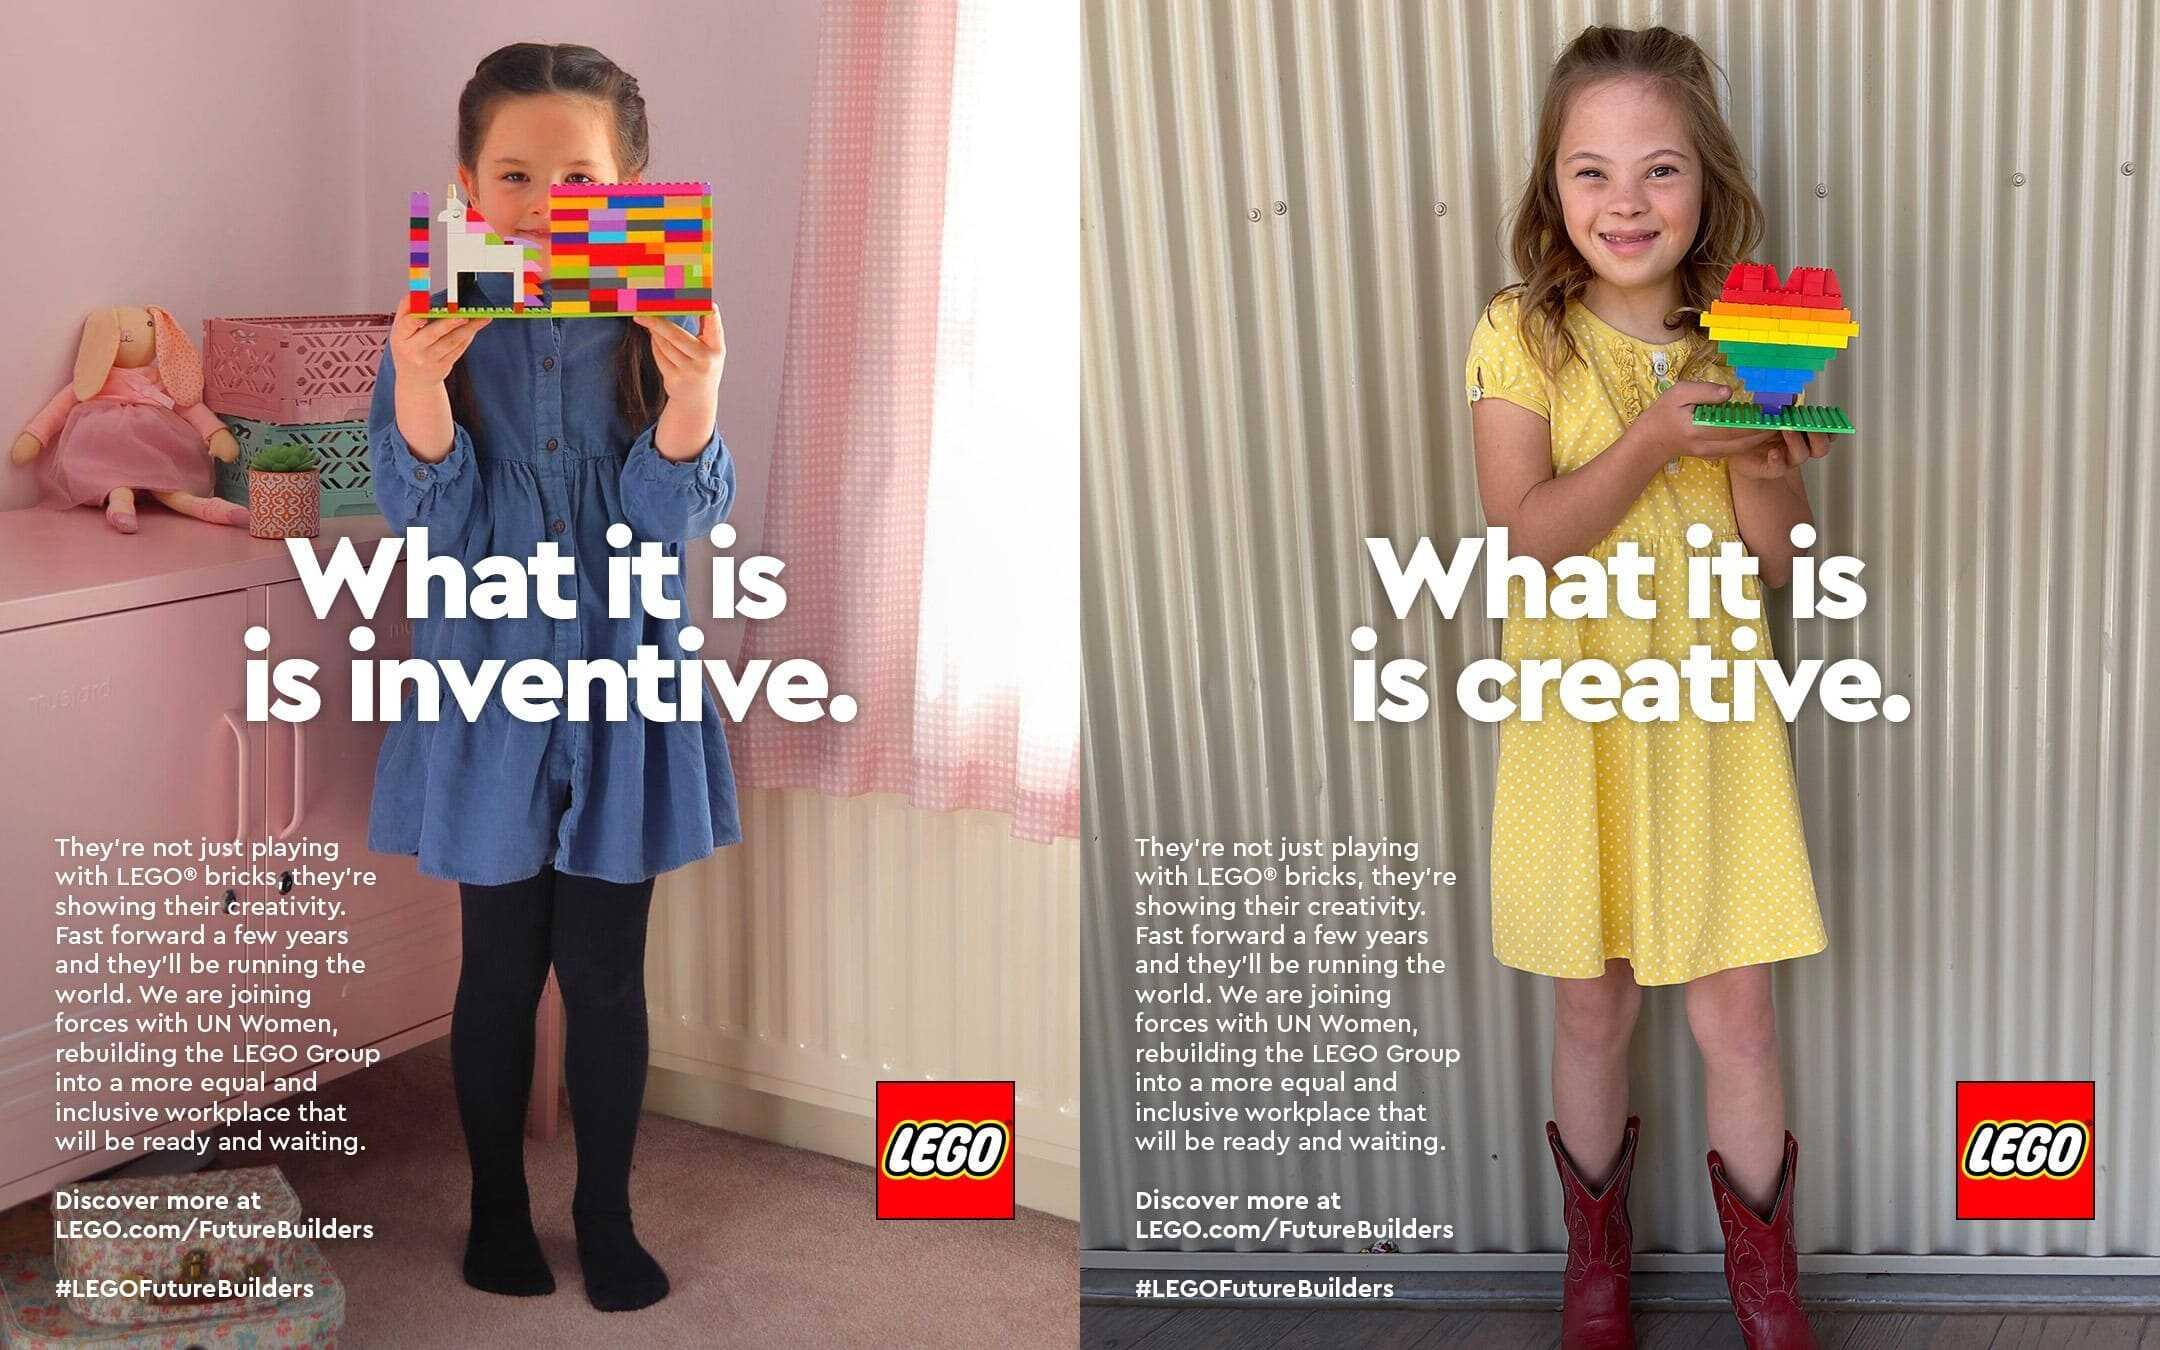 Lego-what-it-is-2021-giornata-internazionale-della-donna-ninja marketing